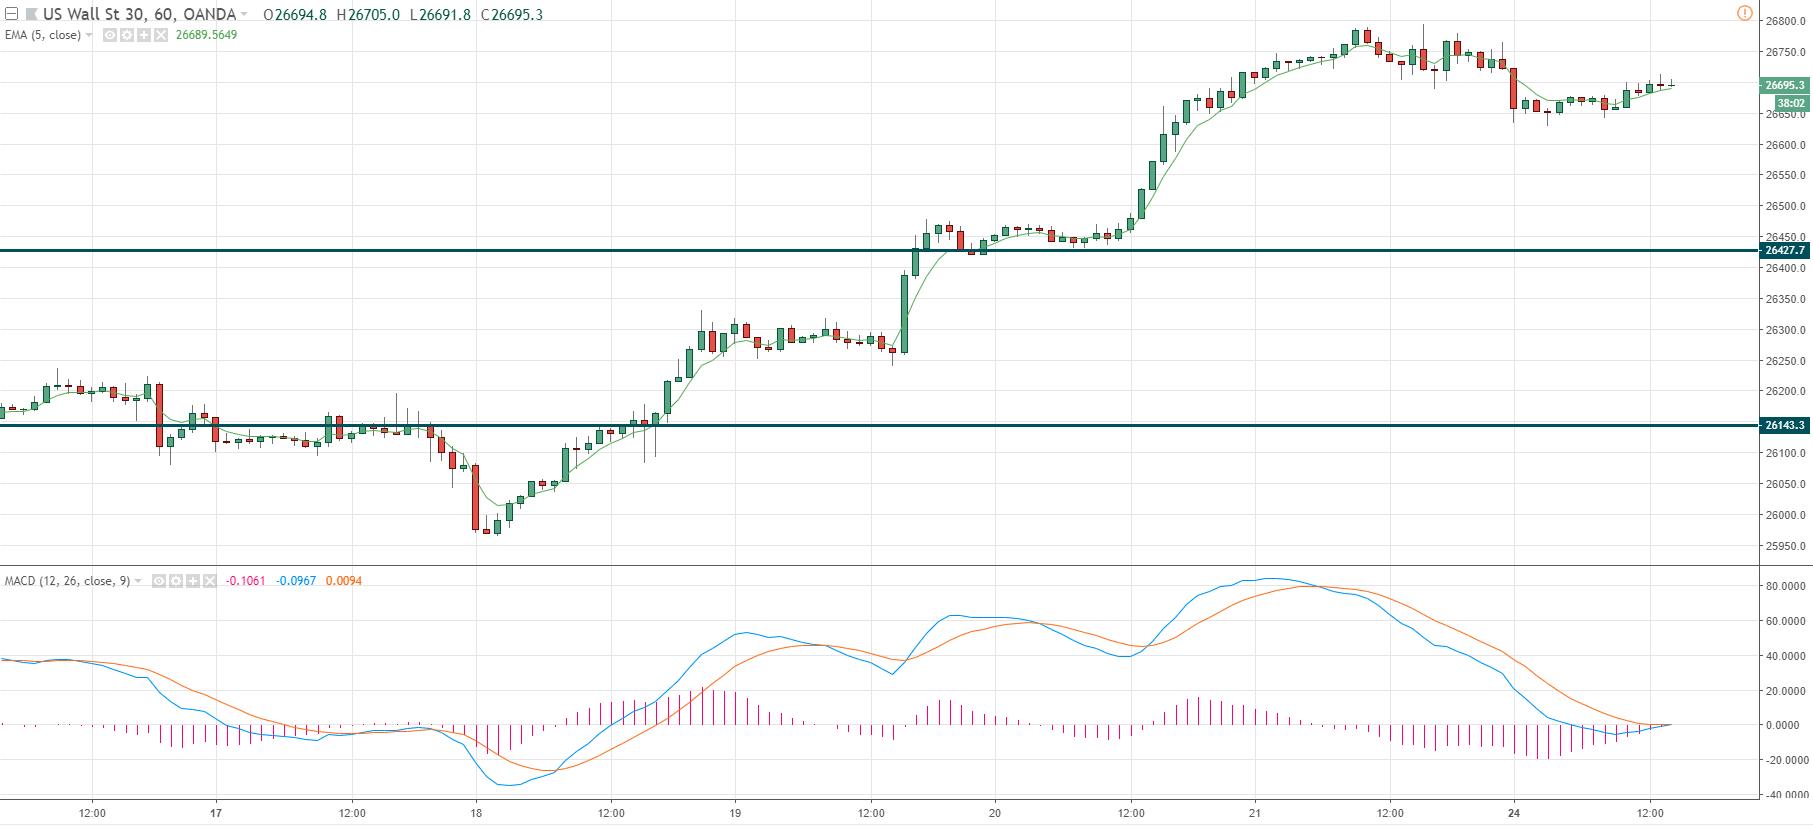 Representa el precio del mercado Dow Jones